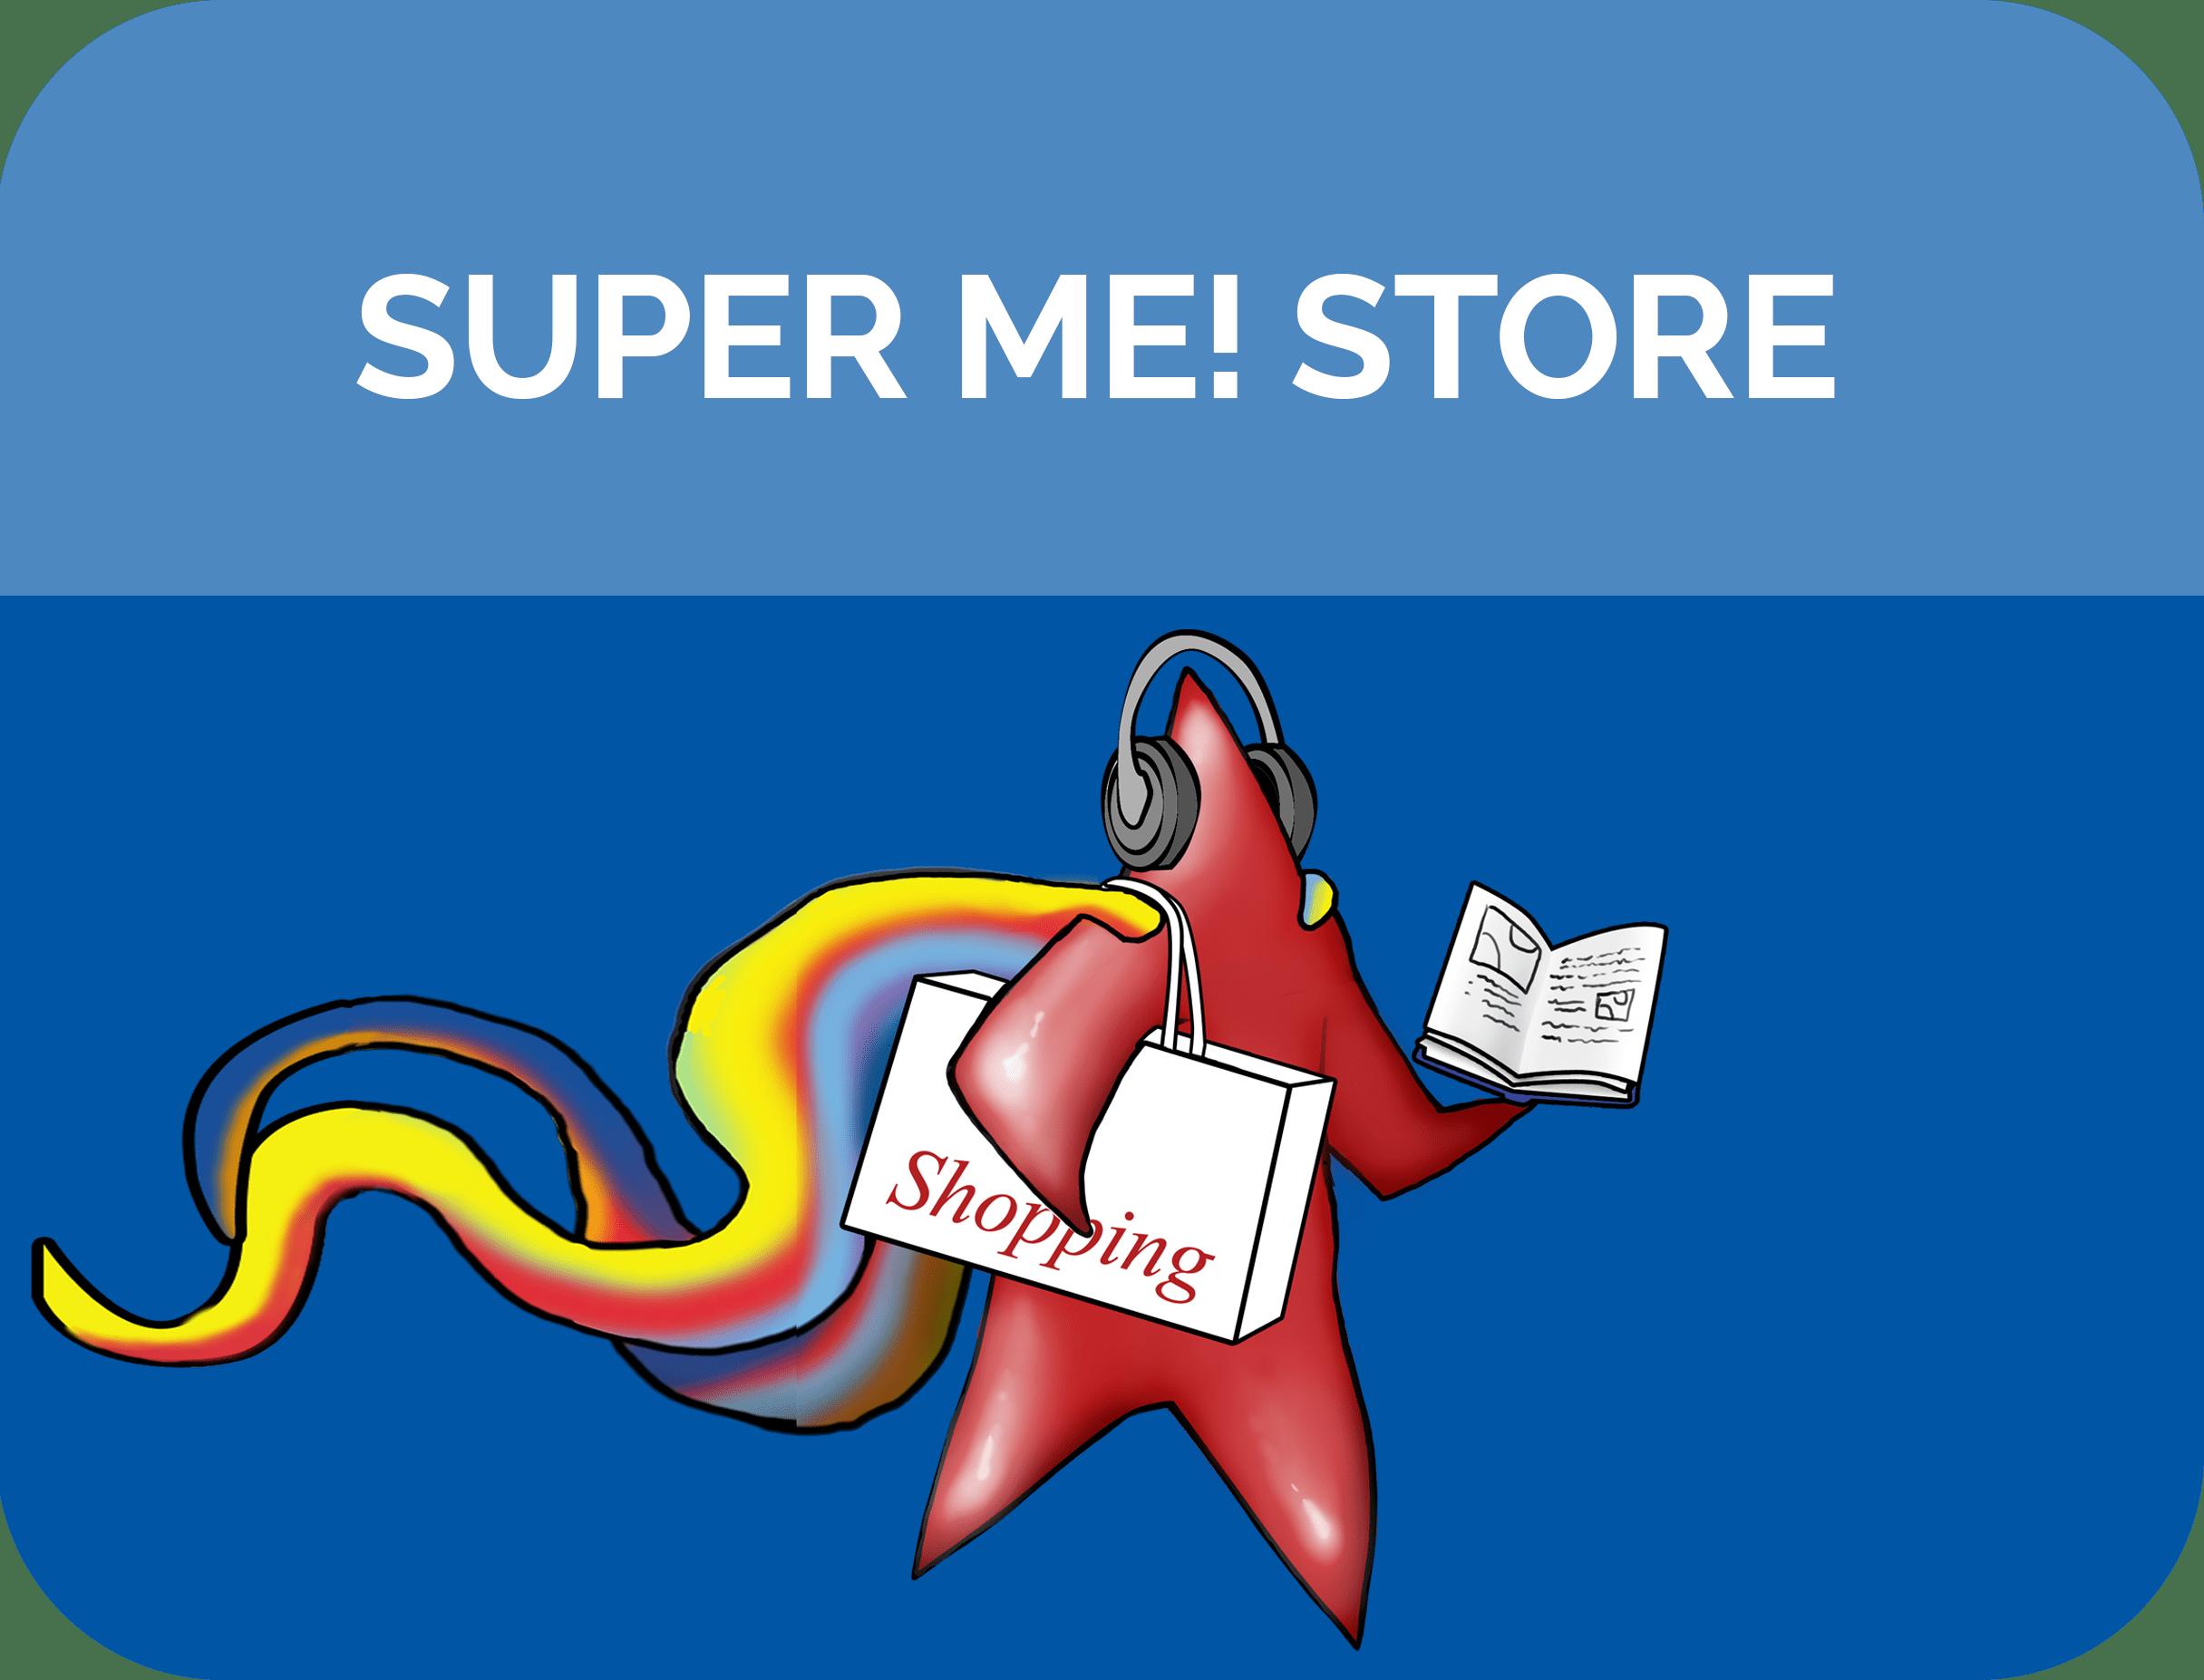 Super me! Store